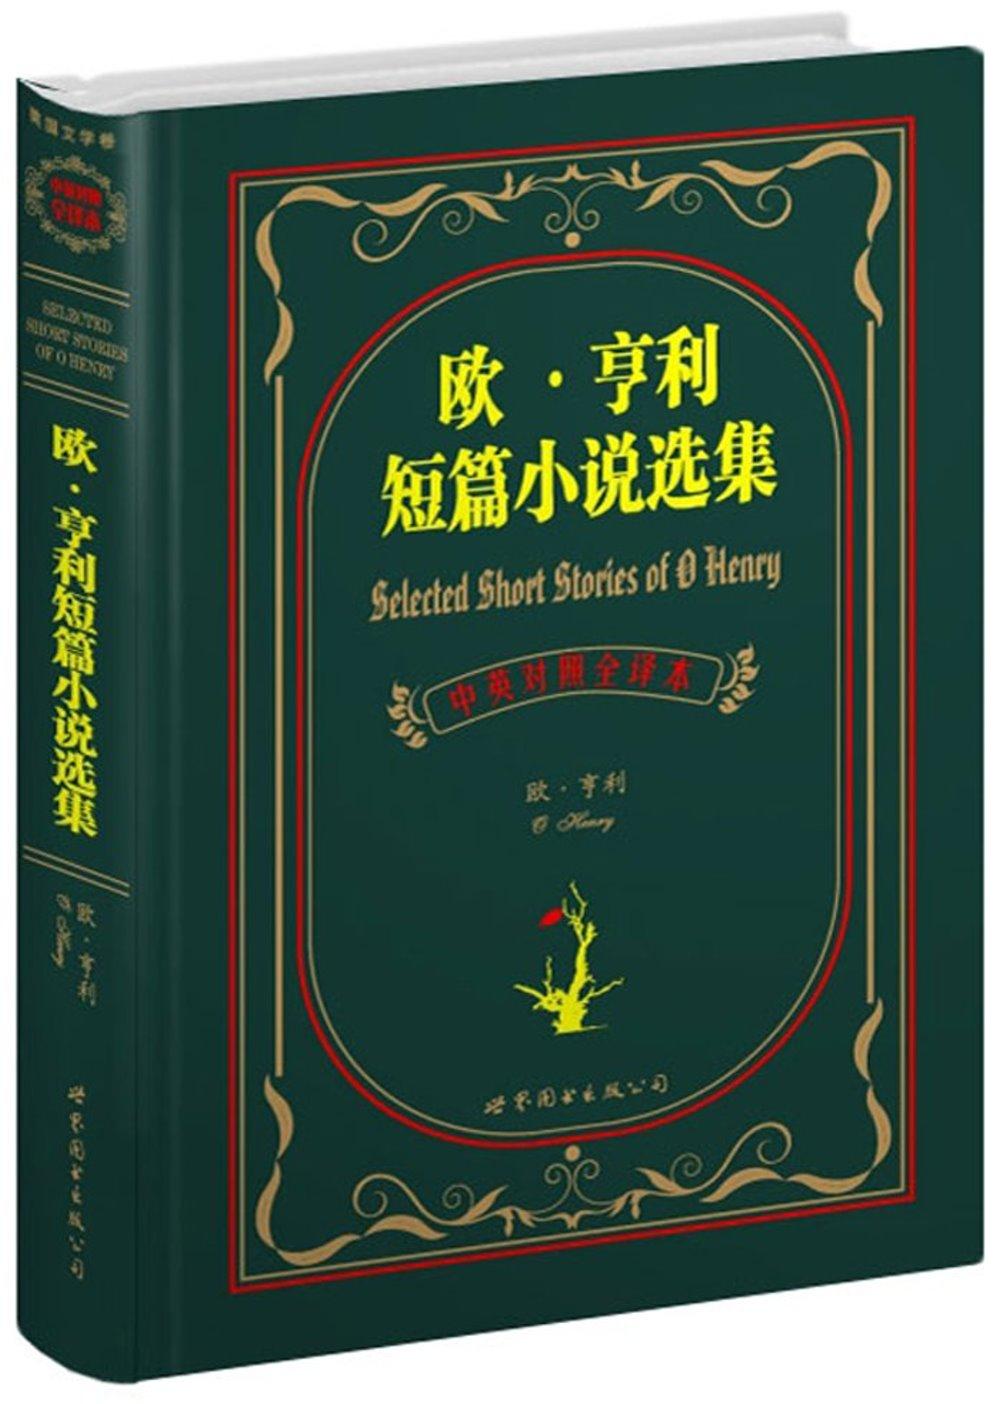 歐.亨利短篇小說選集 中英對照全譯本  上海